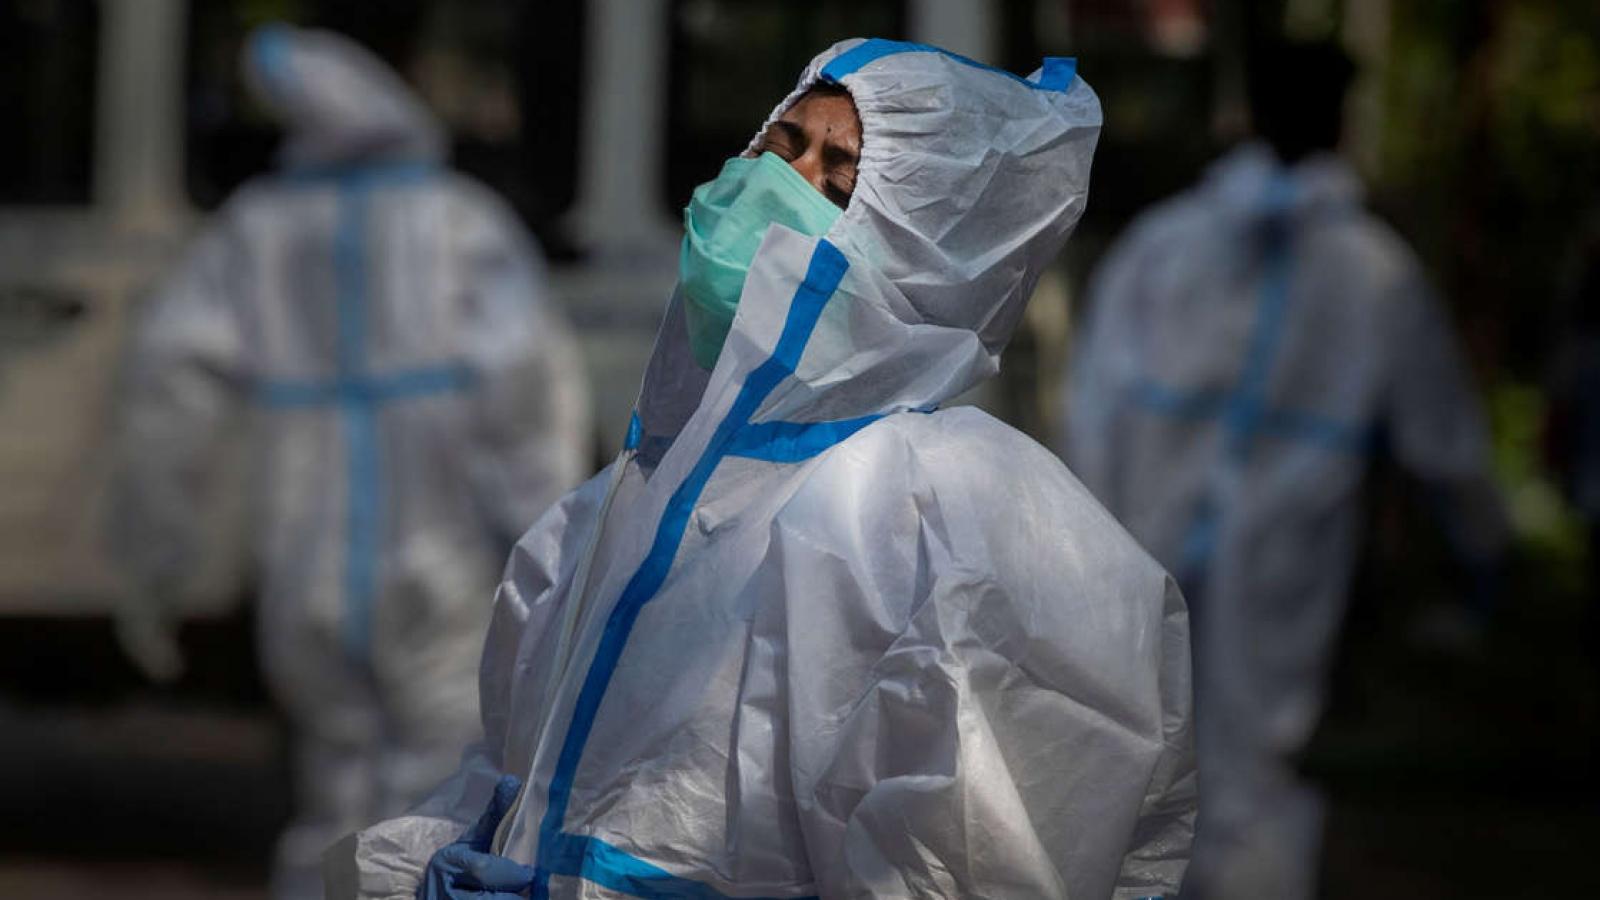 Chật vật tìm được bình oxy, bệnh nhân Covid-19 ở Ấn Độ đã cận kề cái chết